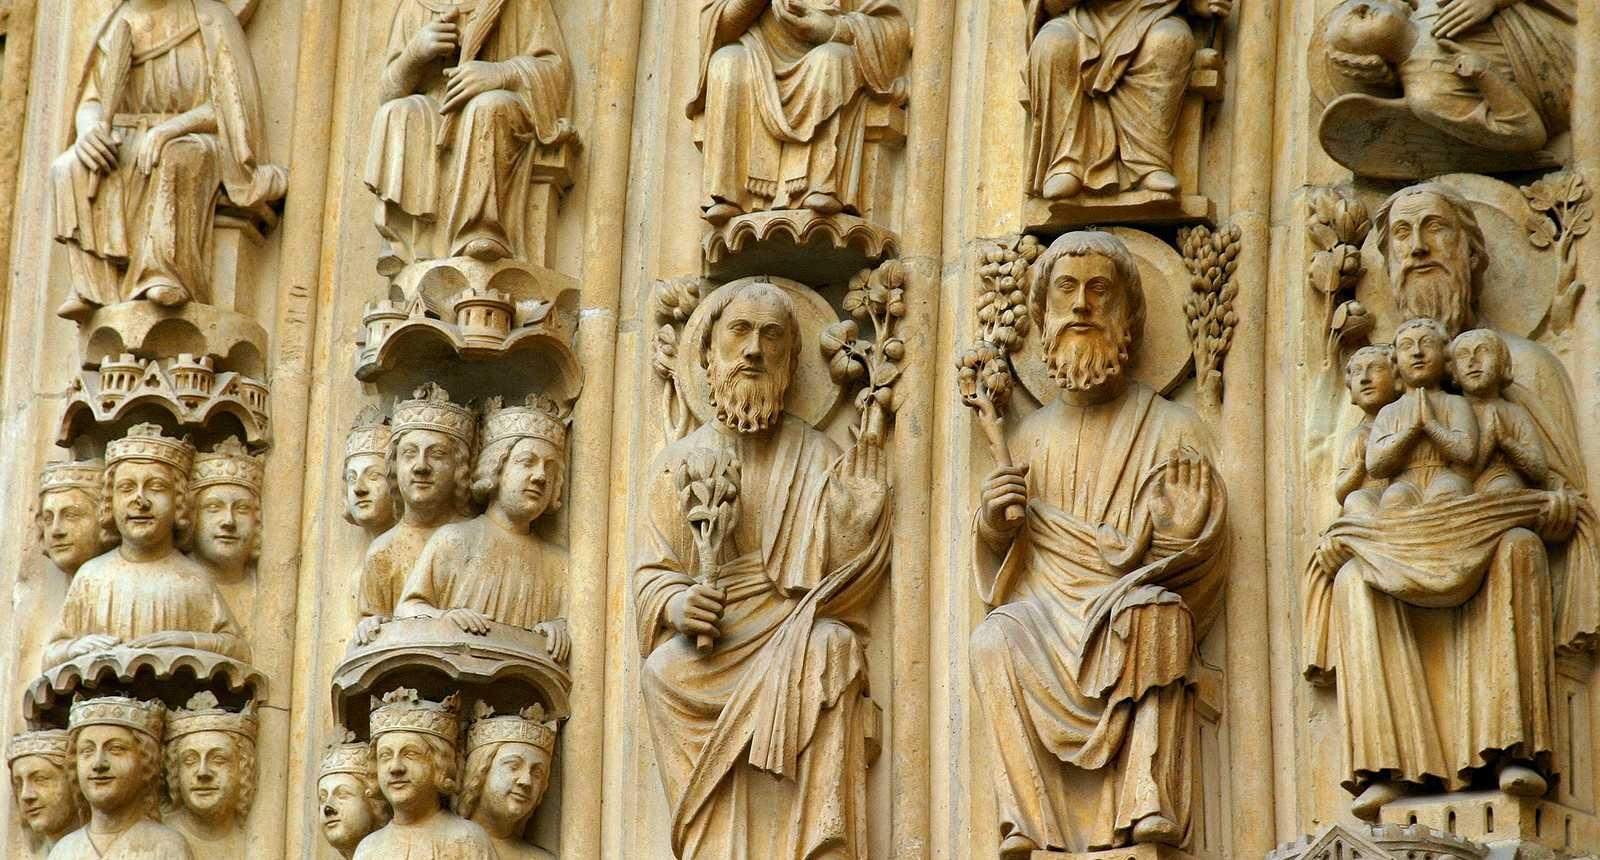 Détail des sculptures de Notre-Dame de Paris